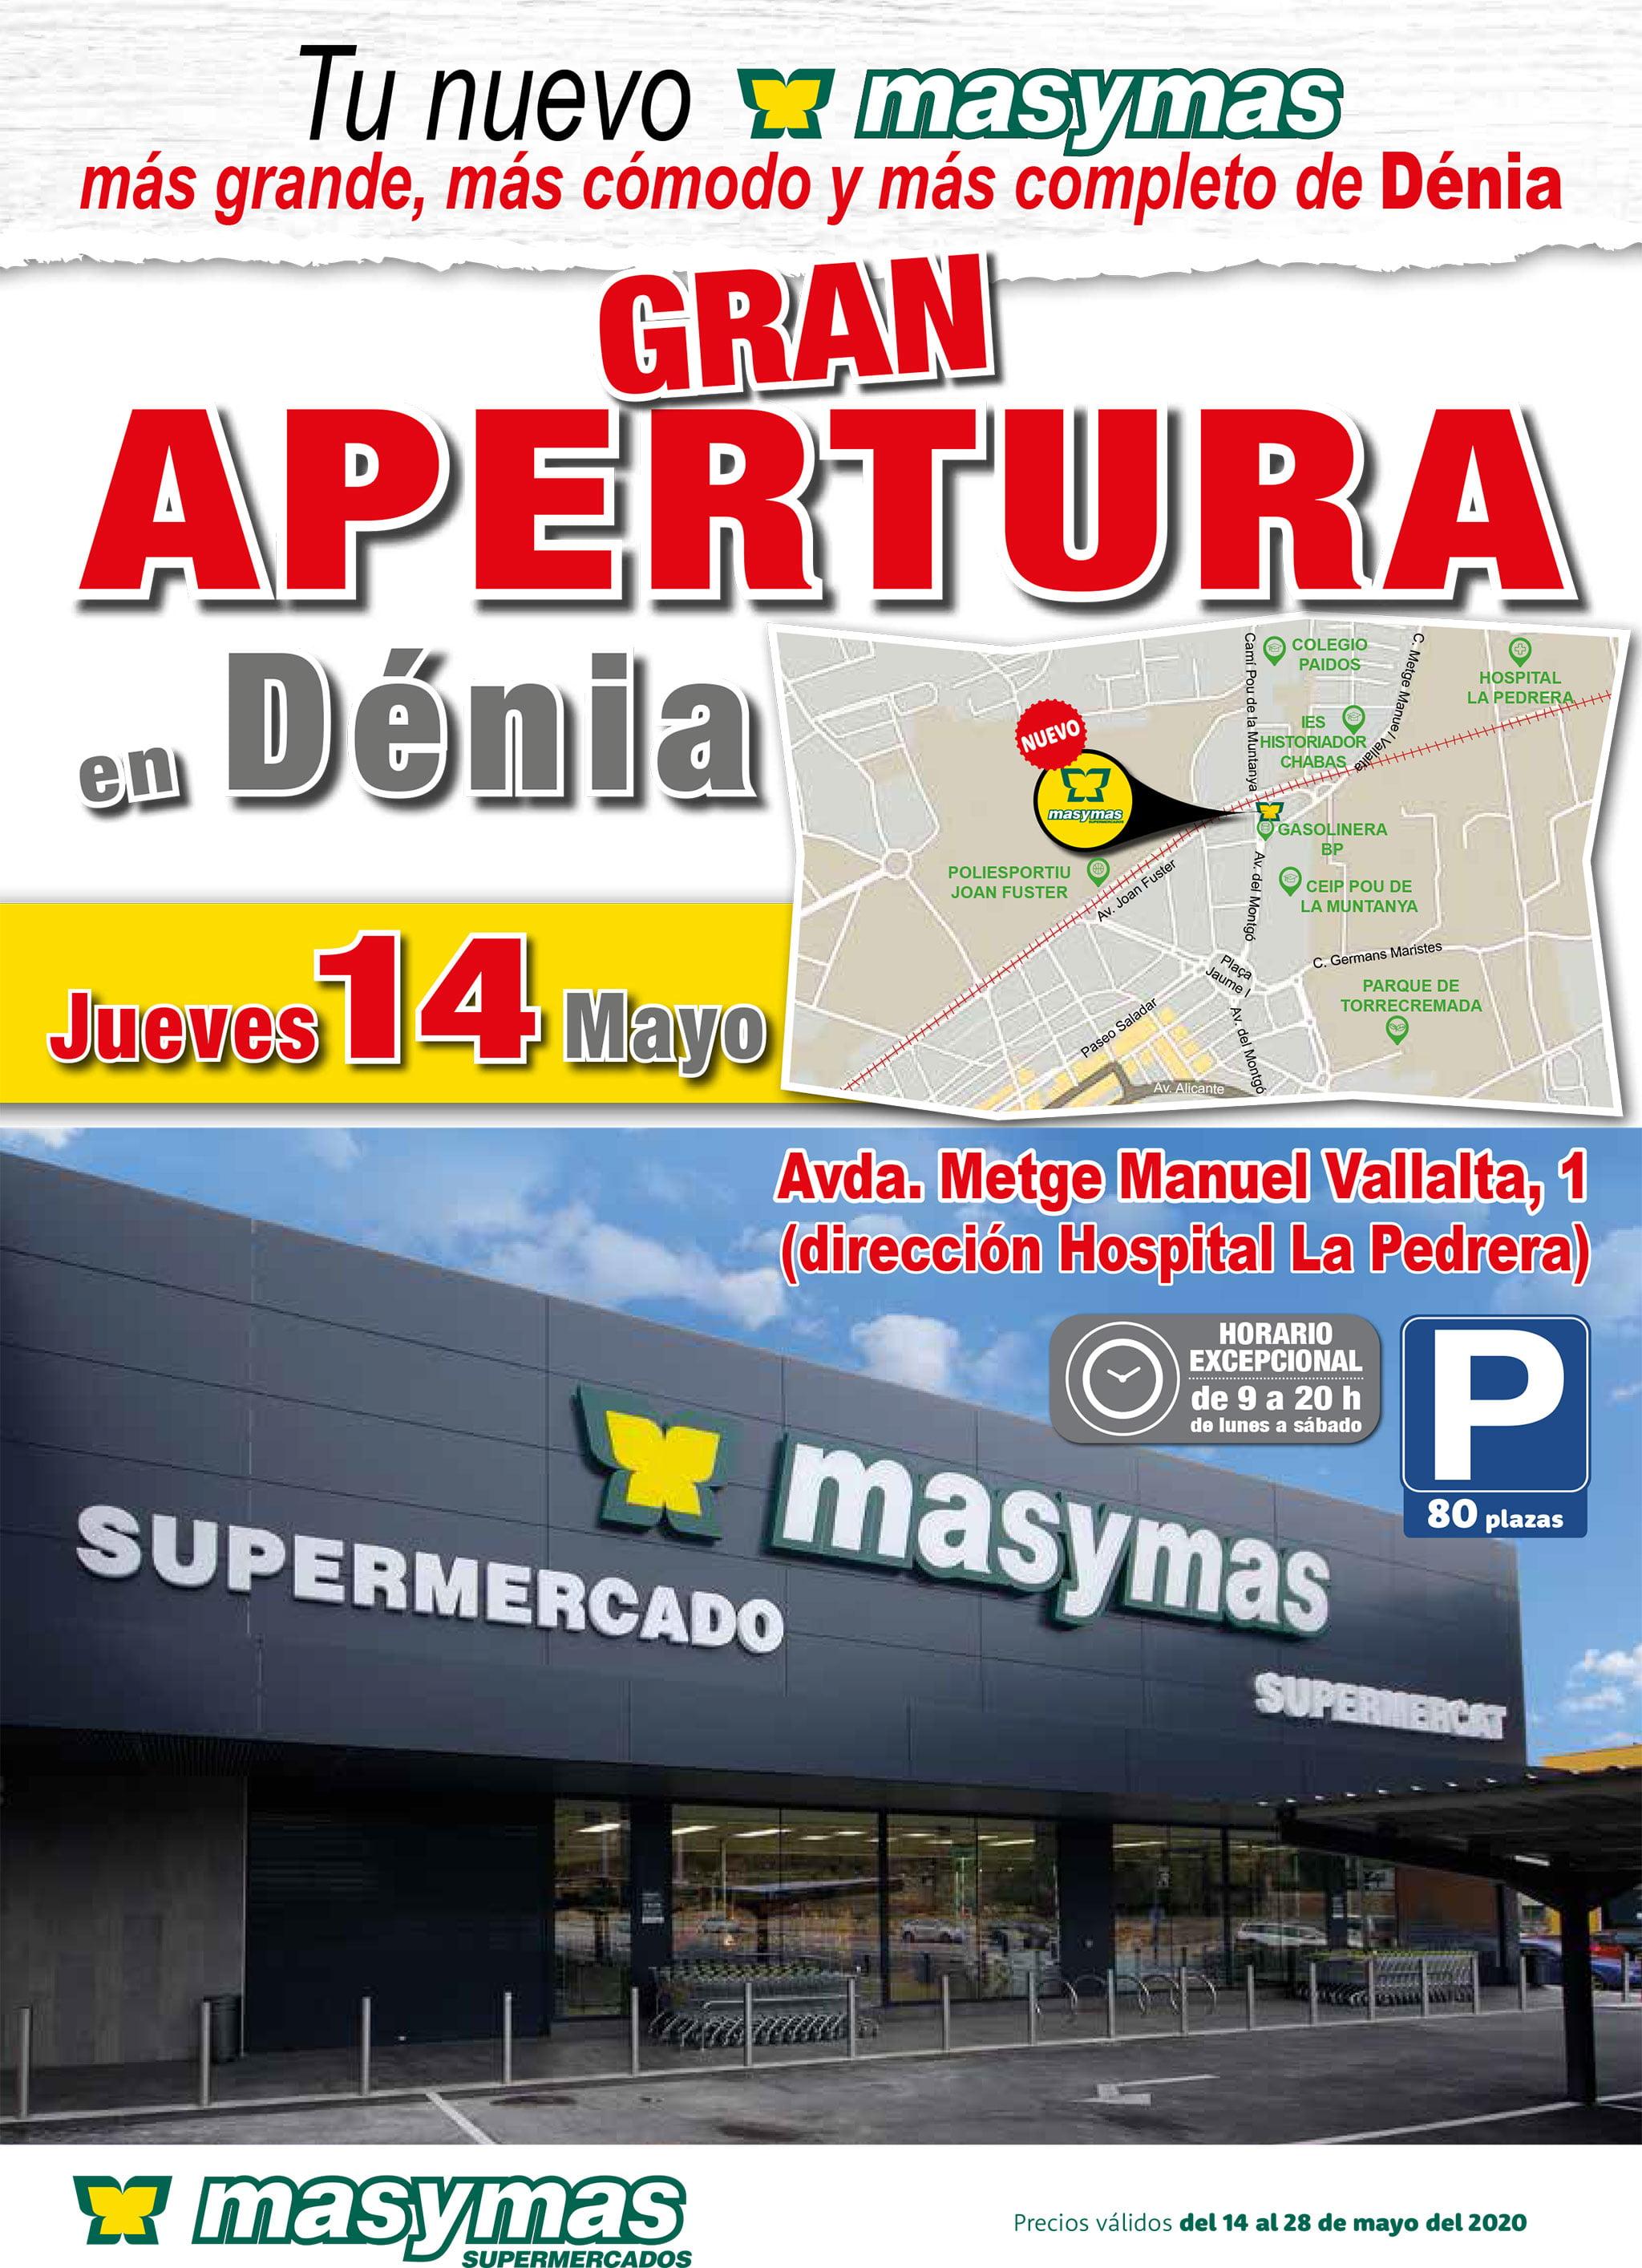 Fullet d'obertura de la nova supermercat Mas i Mas a Dénia